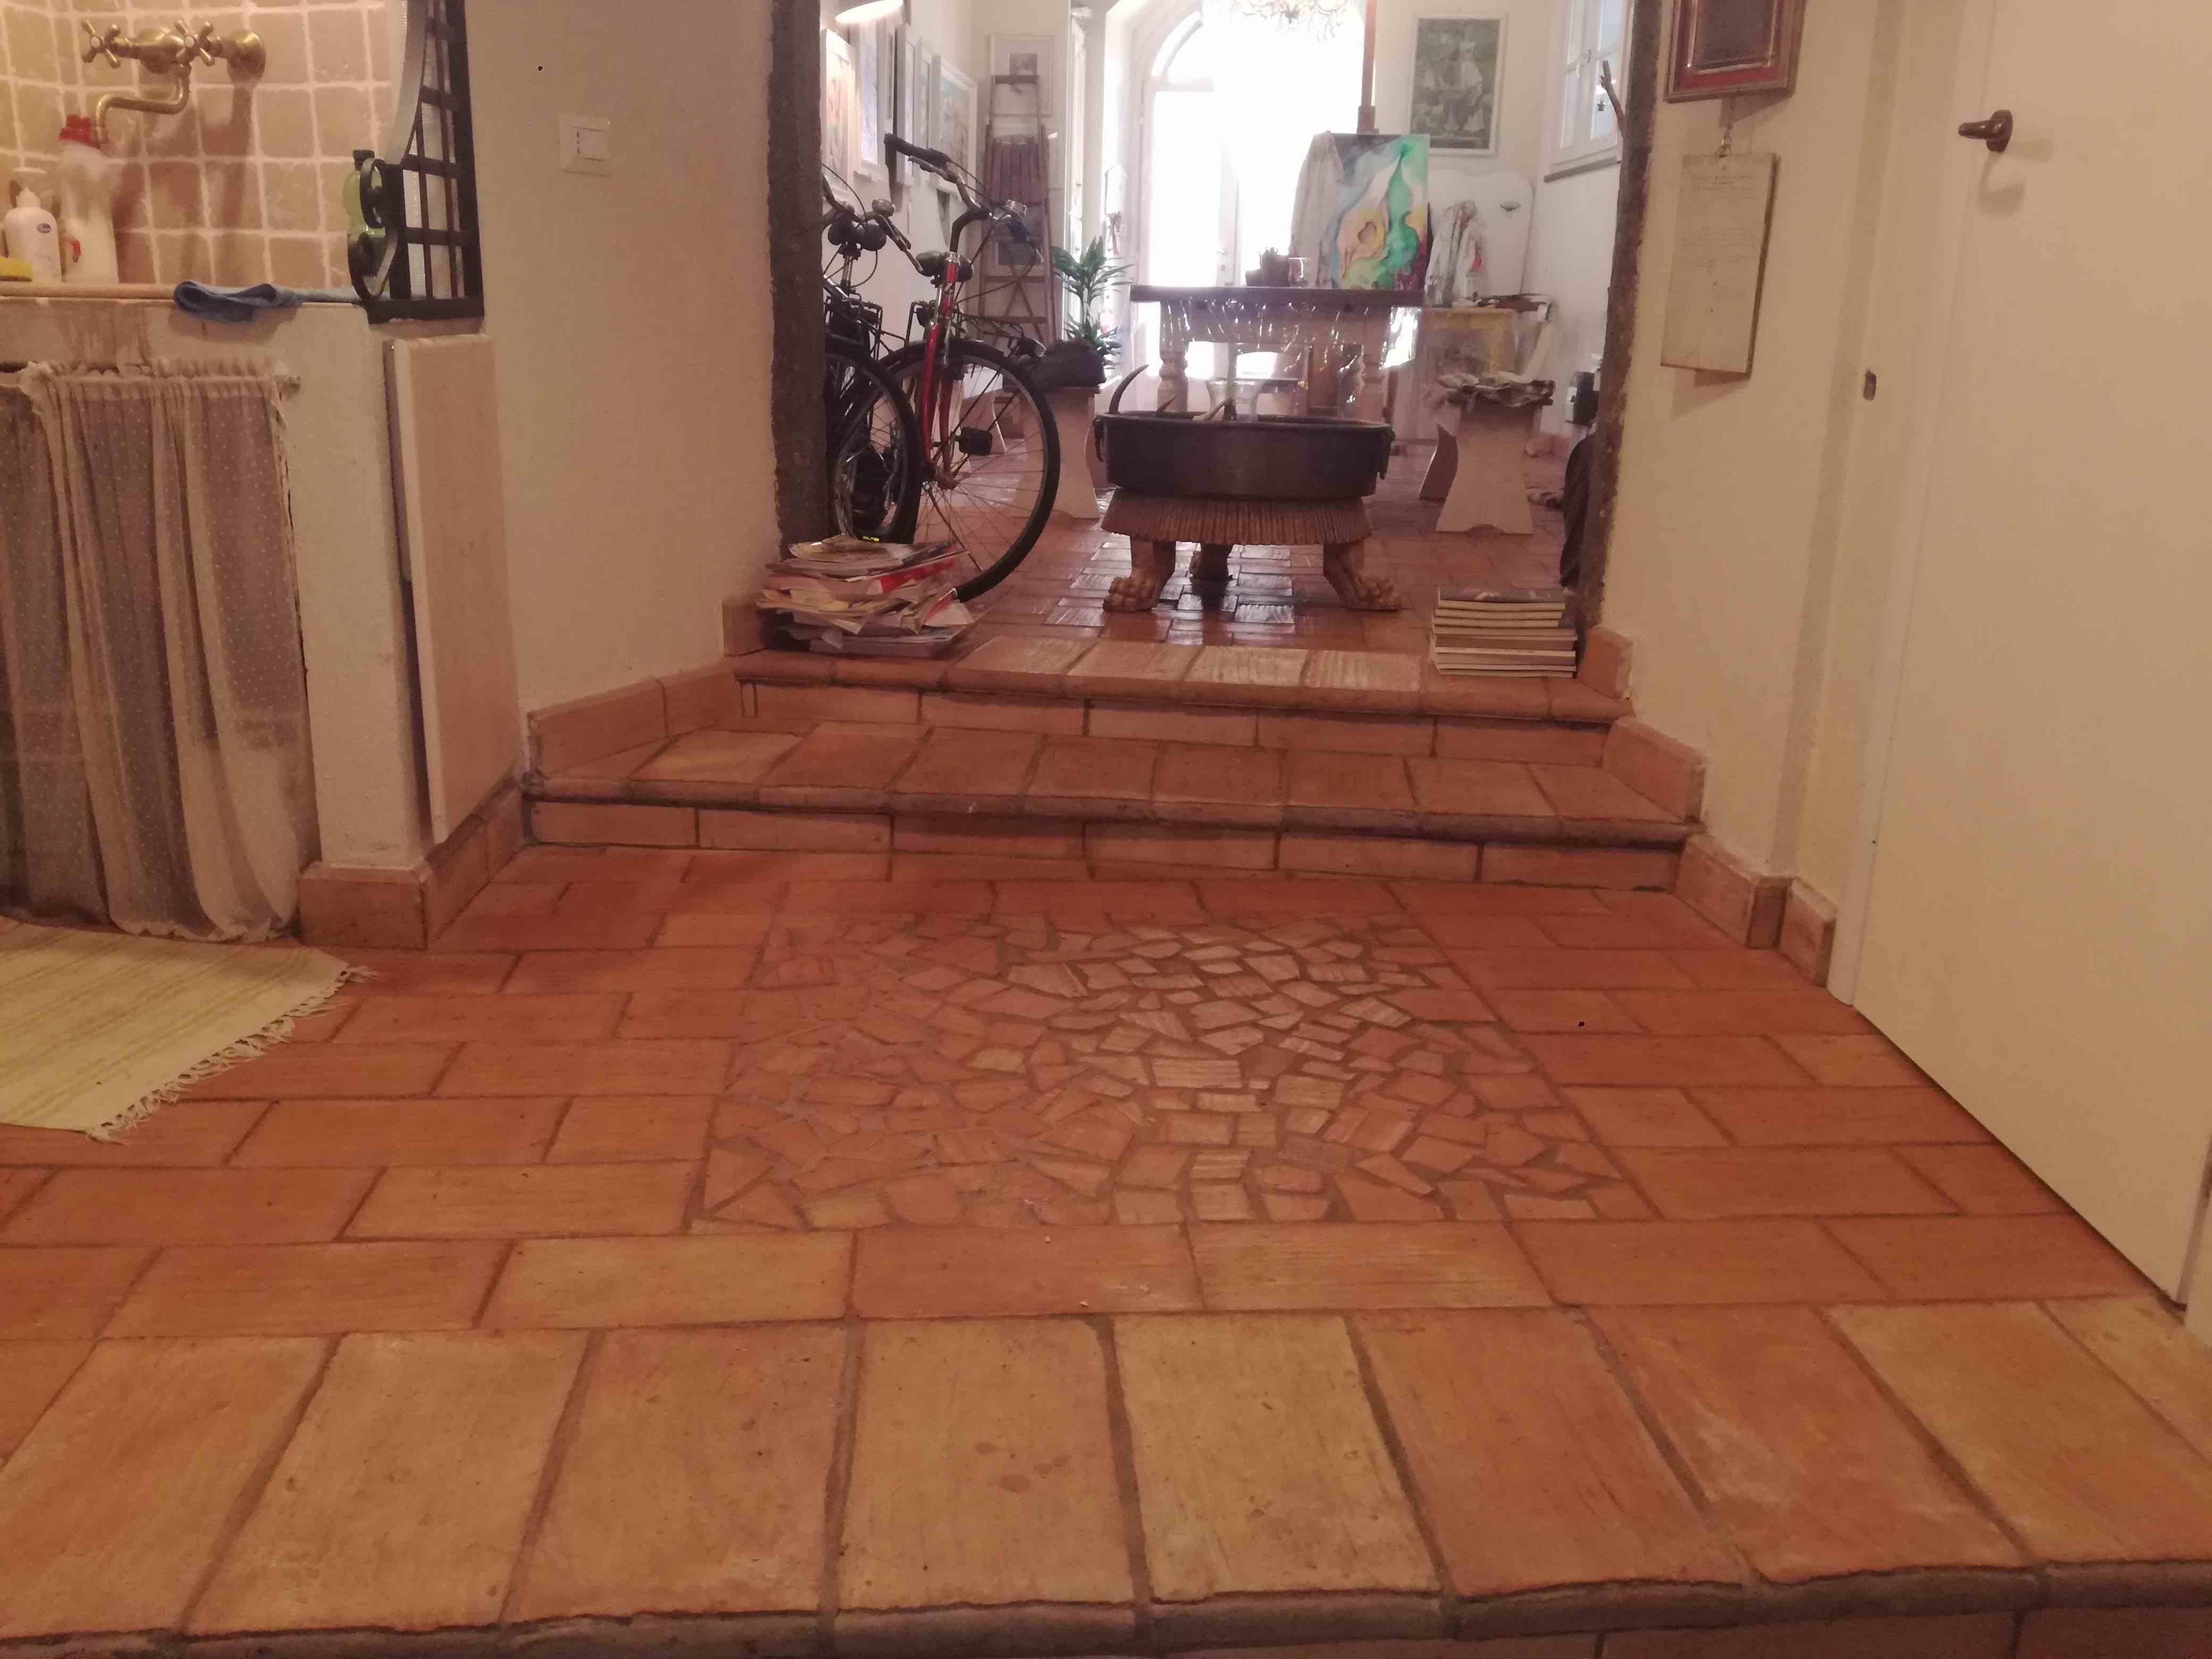 Pavimenti In Cotto Con Mosaico : La sabina trattamento pavimenti in cotto roma con pavimenti in